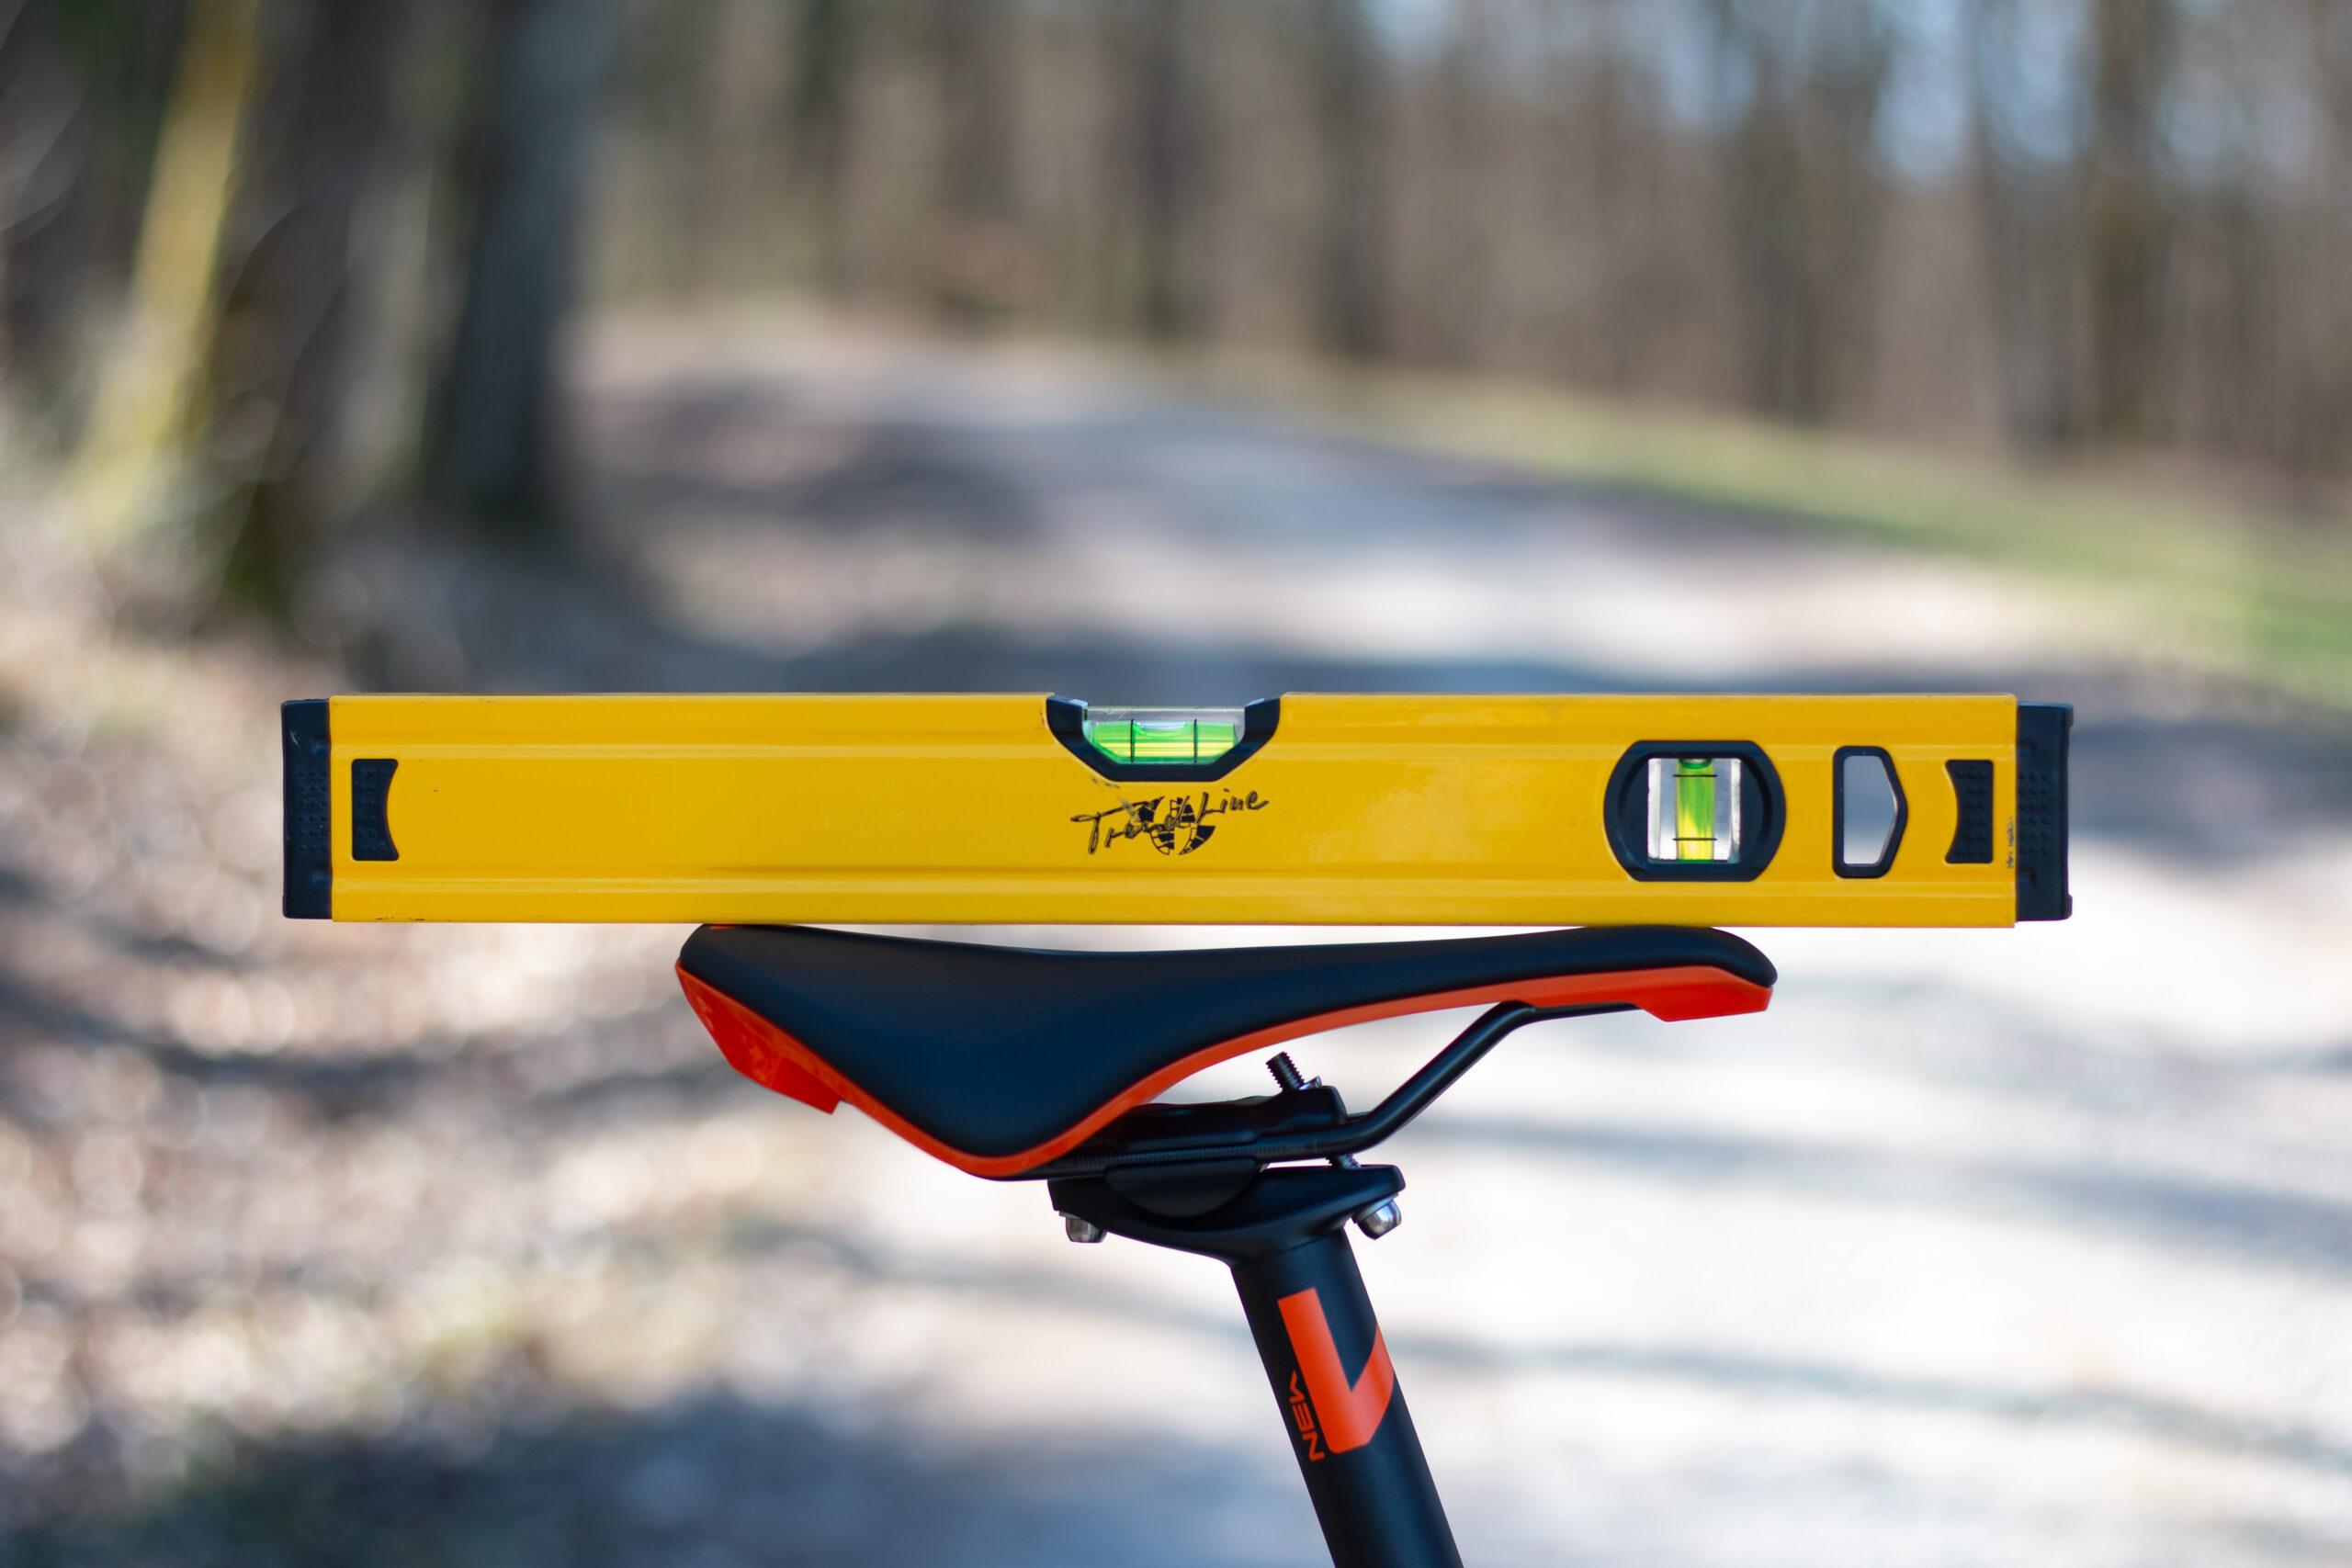 20210330 115648 00249 scaled - Wie stelle ich den Fahrradsattel richtig ein?